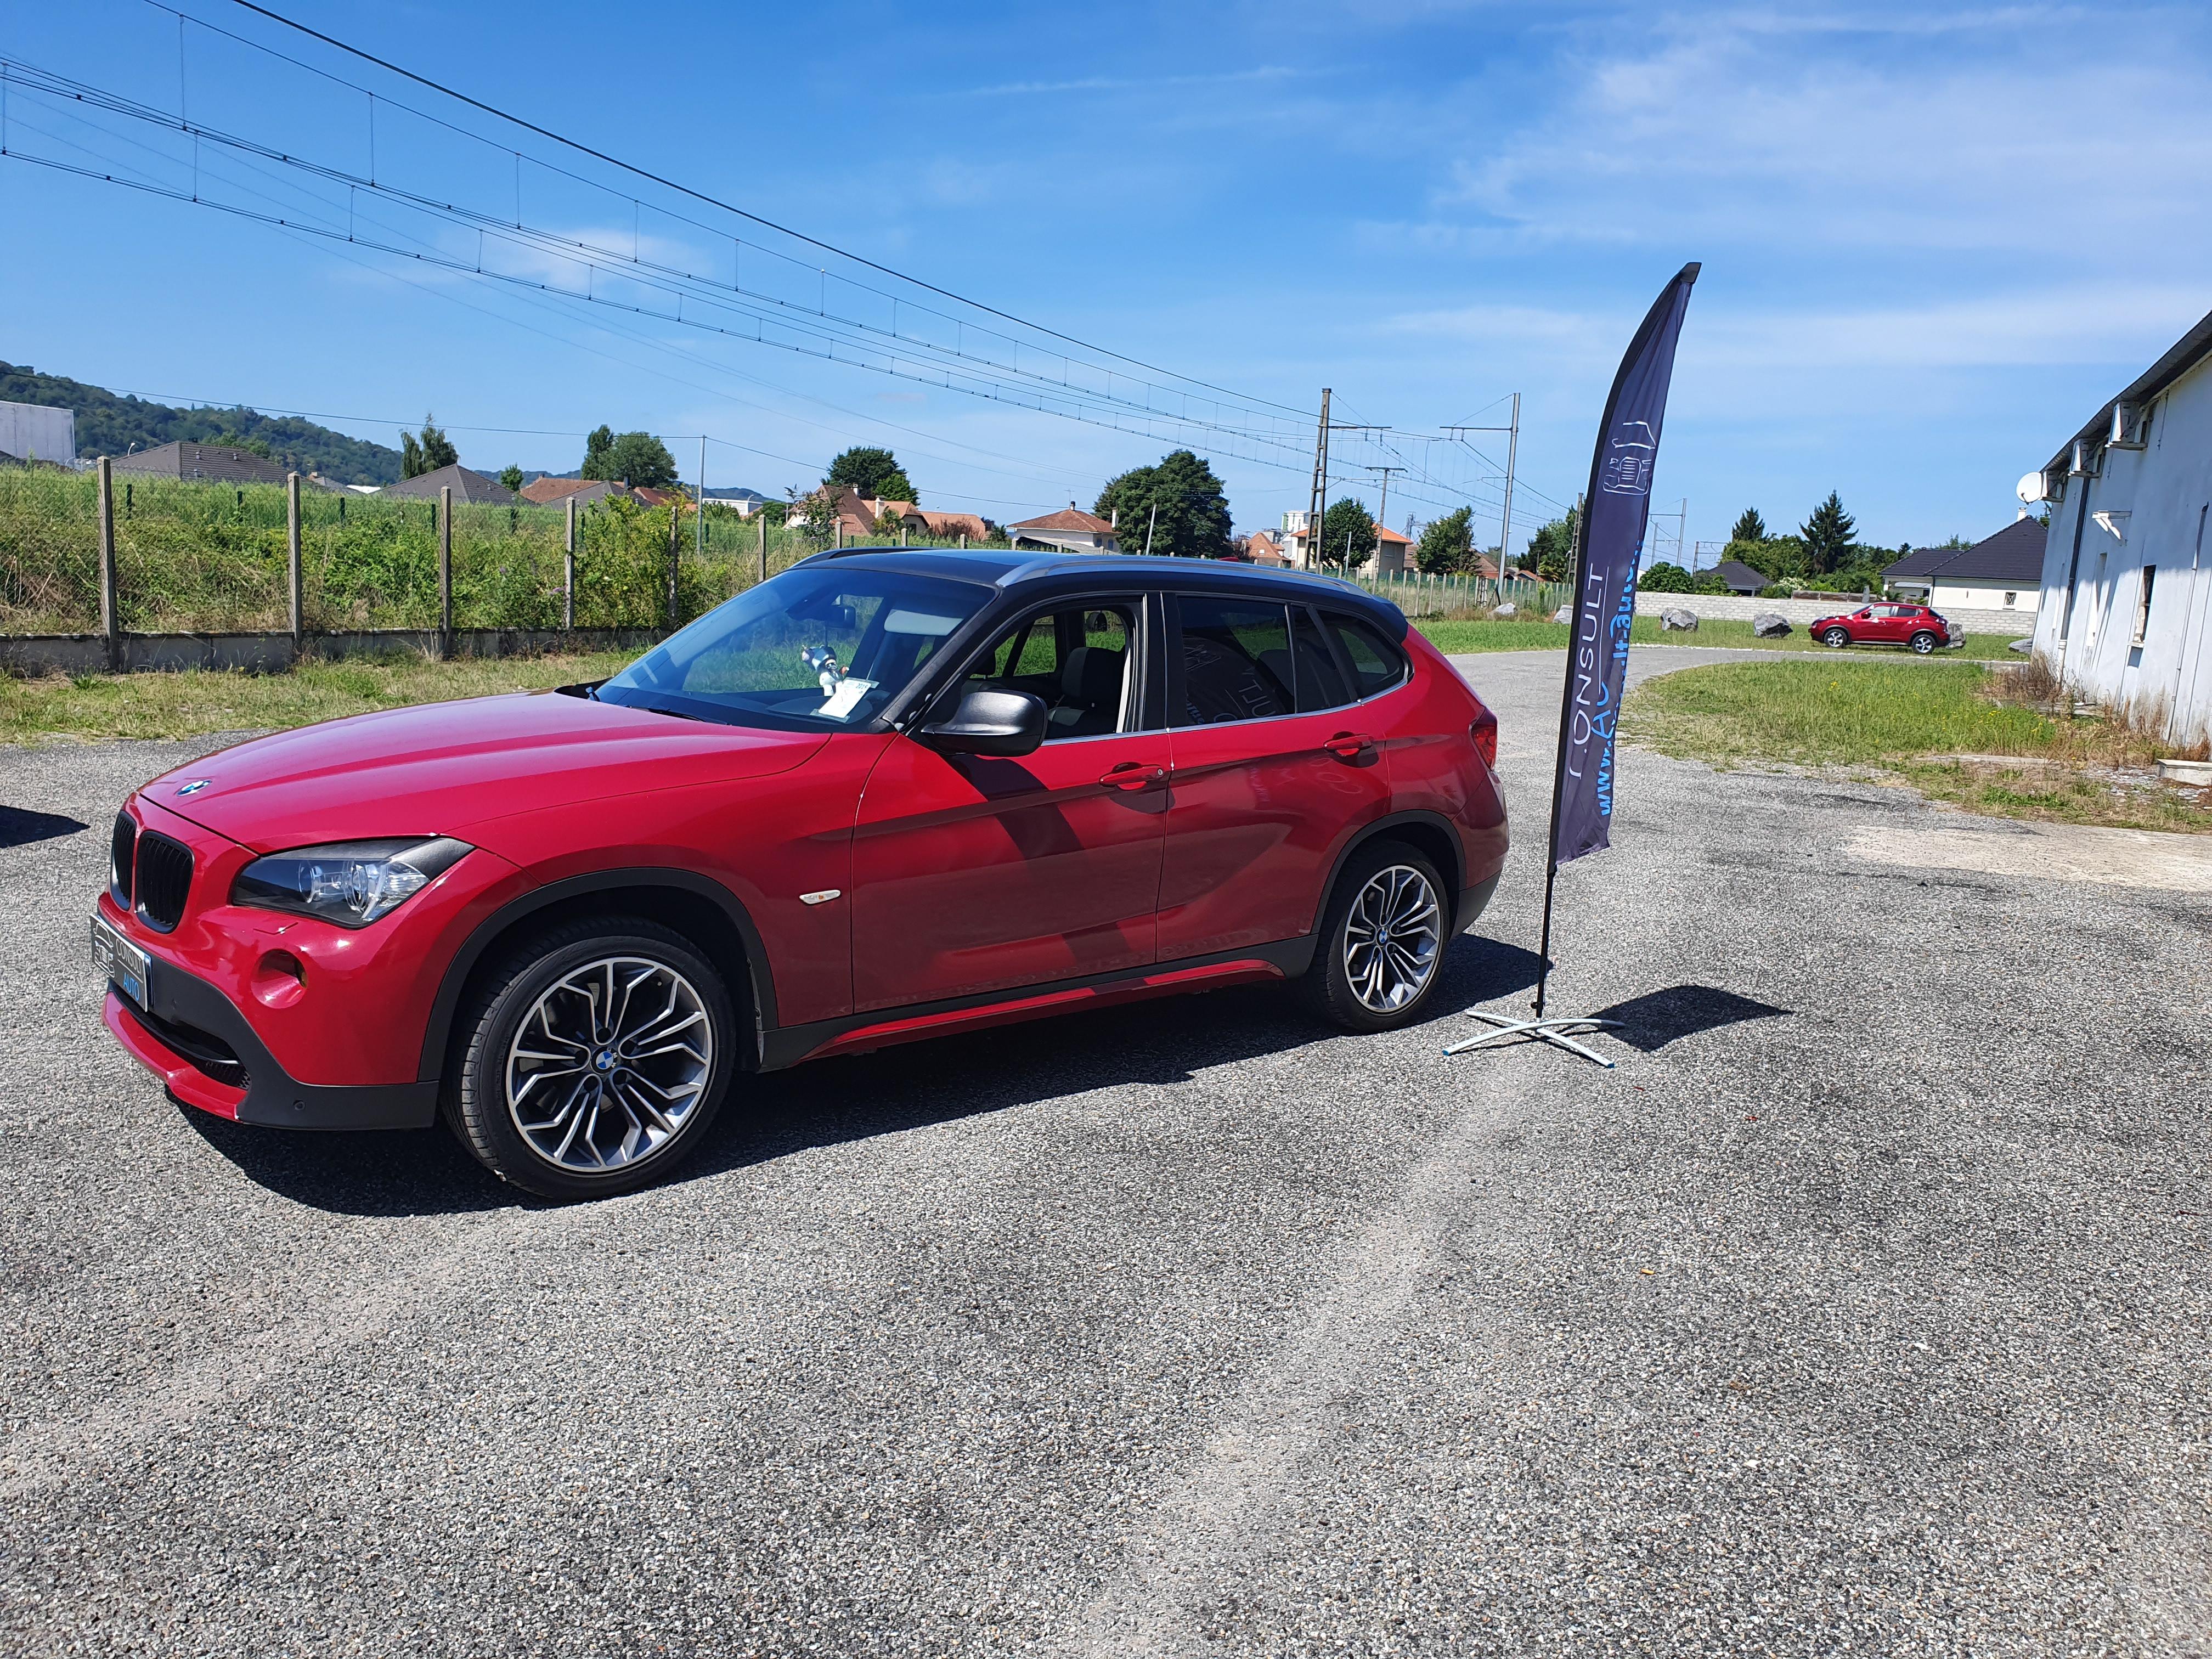 BMW X1 E84 X DRIVE 23d 16v DPF steptronic 204 cv